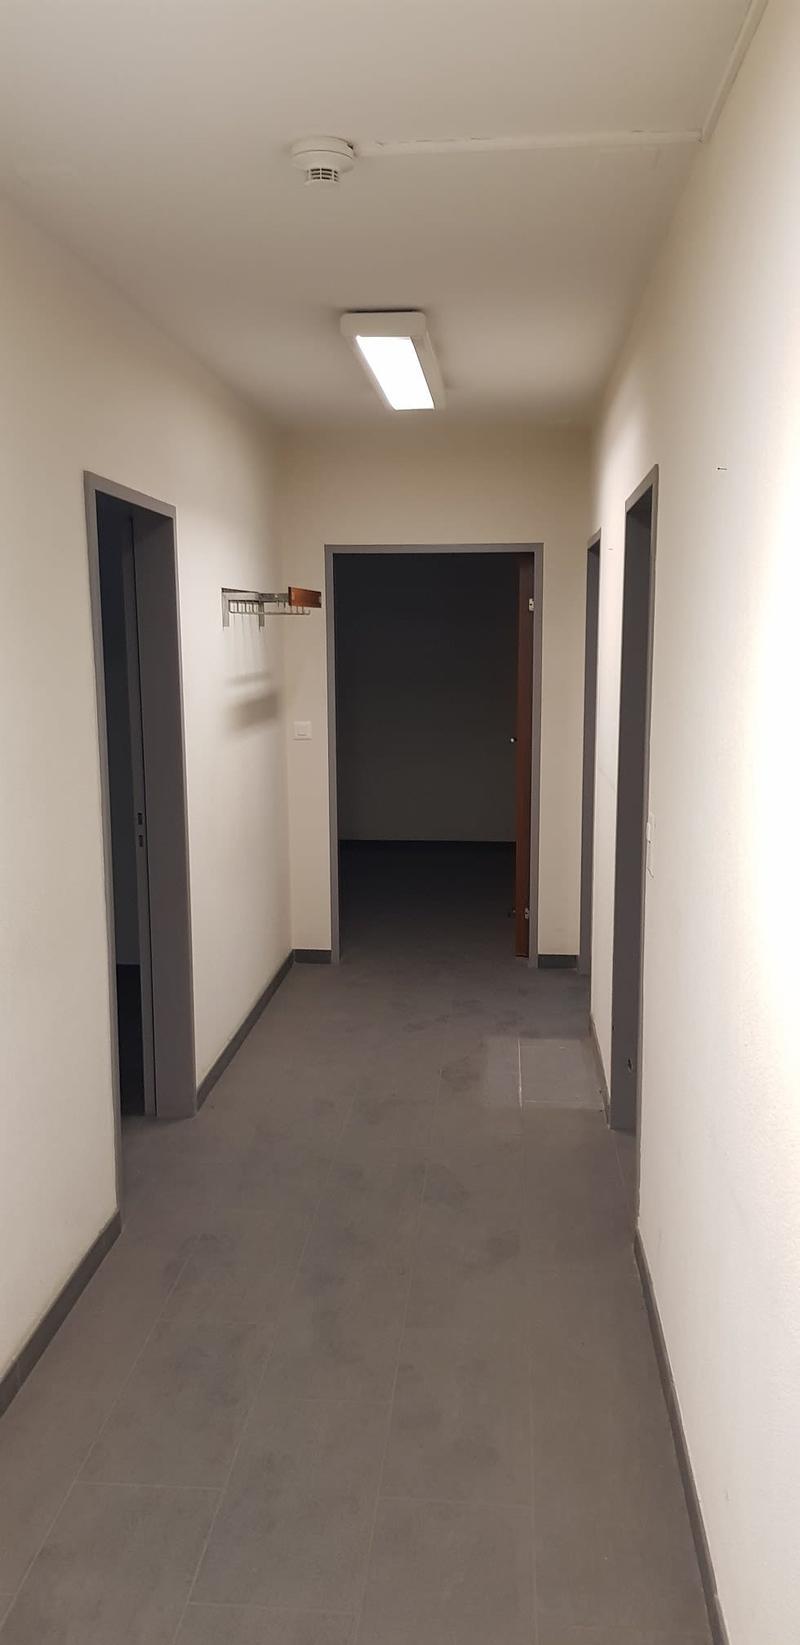 Büro und Lagerräume in Muttenz Autobahnnähe